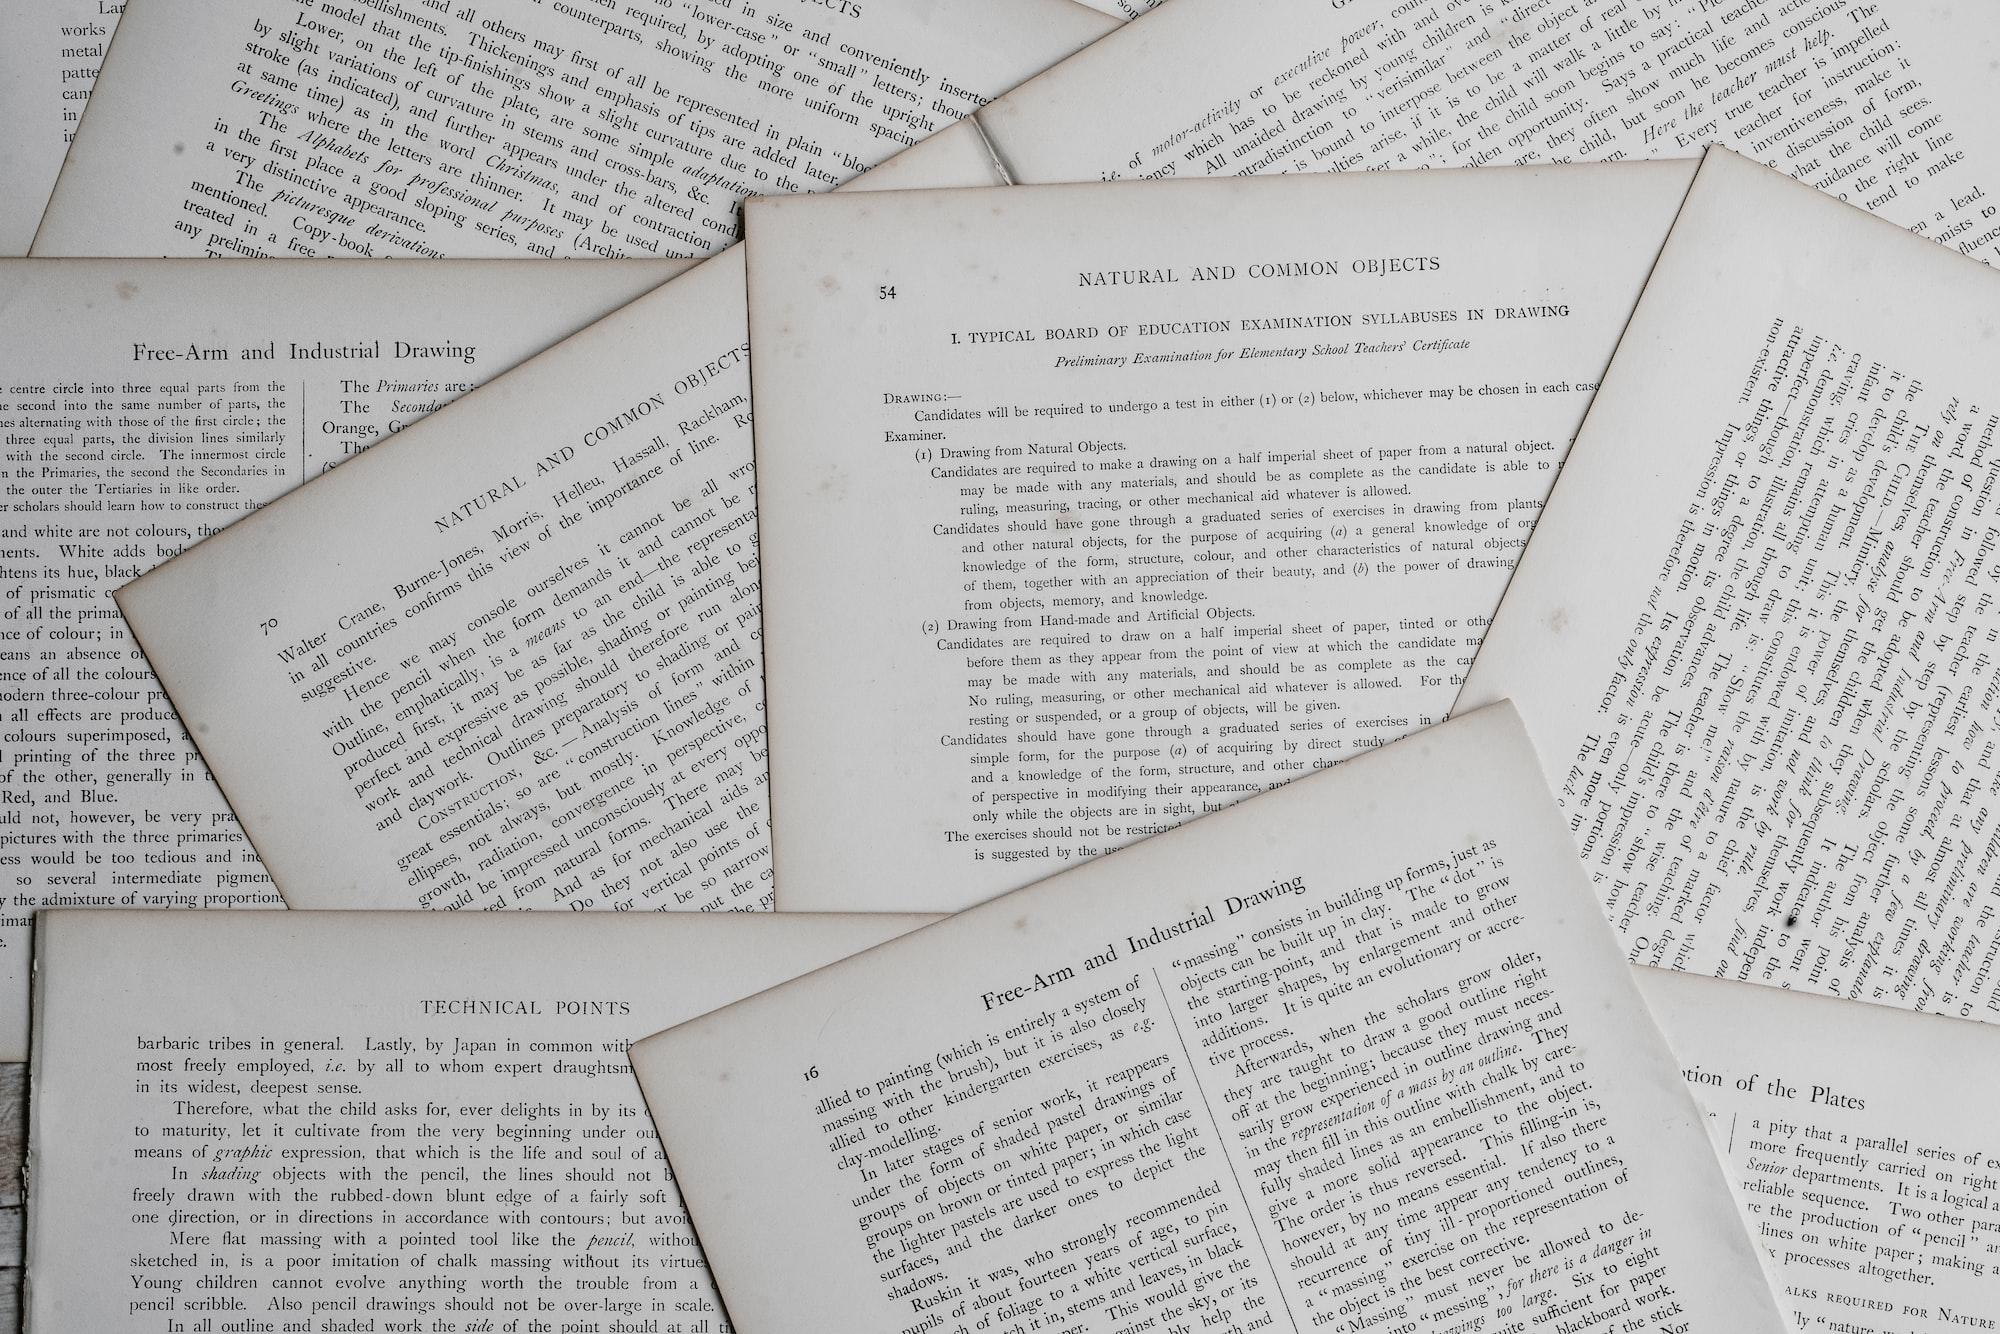 论文太多乱糟糟,免费的论文整理软件了解一下 – Mendeley